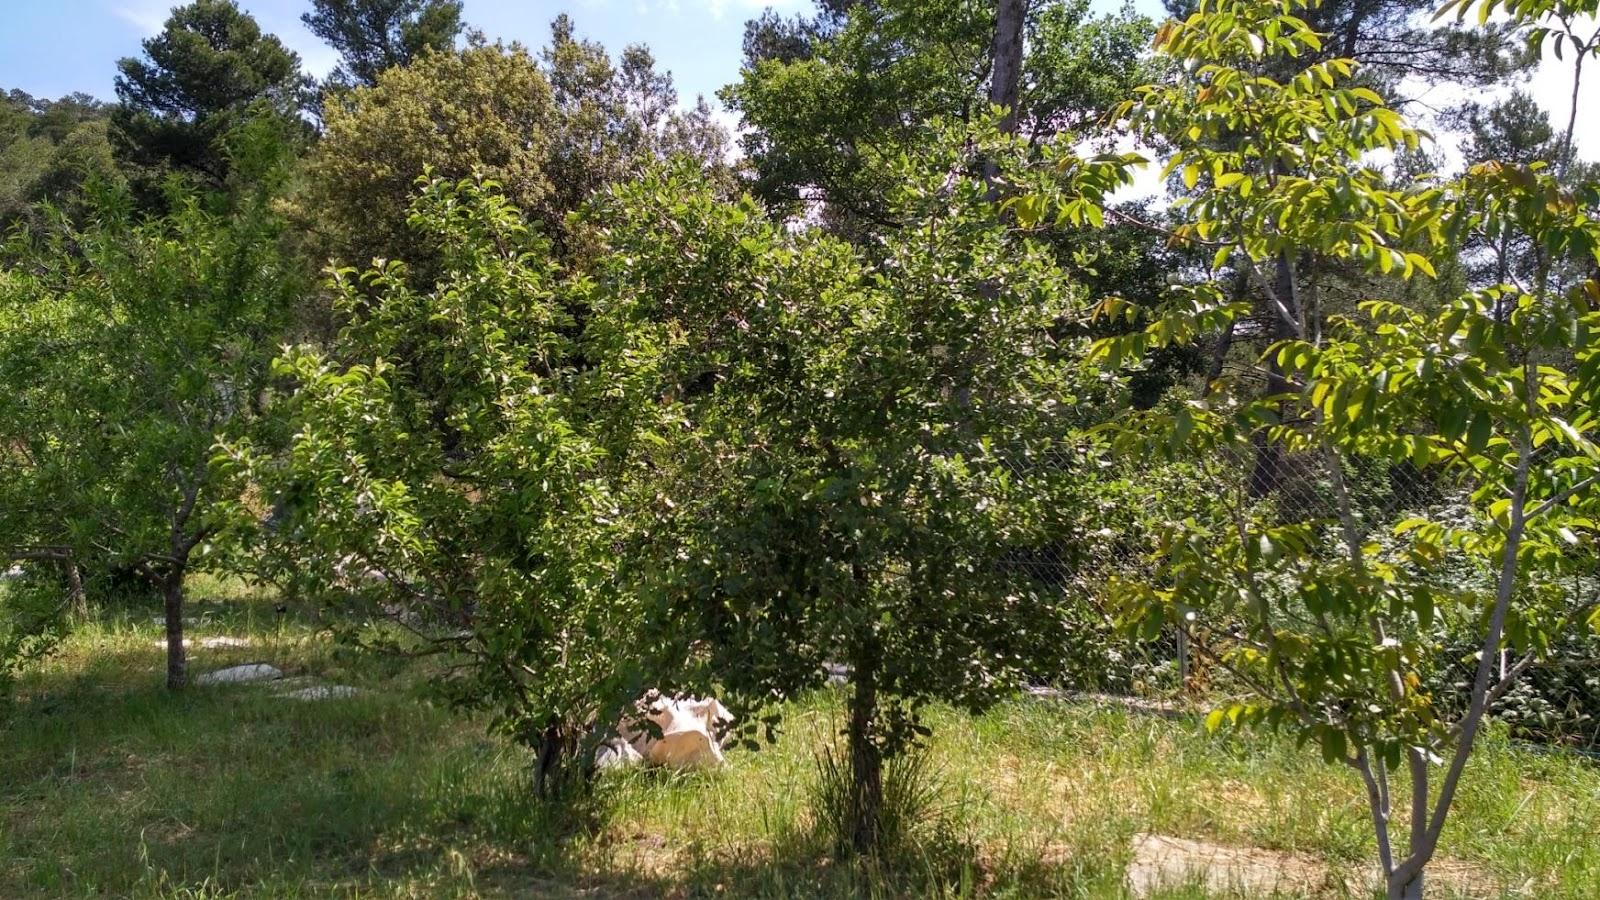 Nuevos bosques comestibles Safarí 2